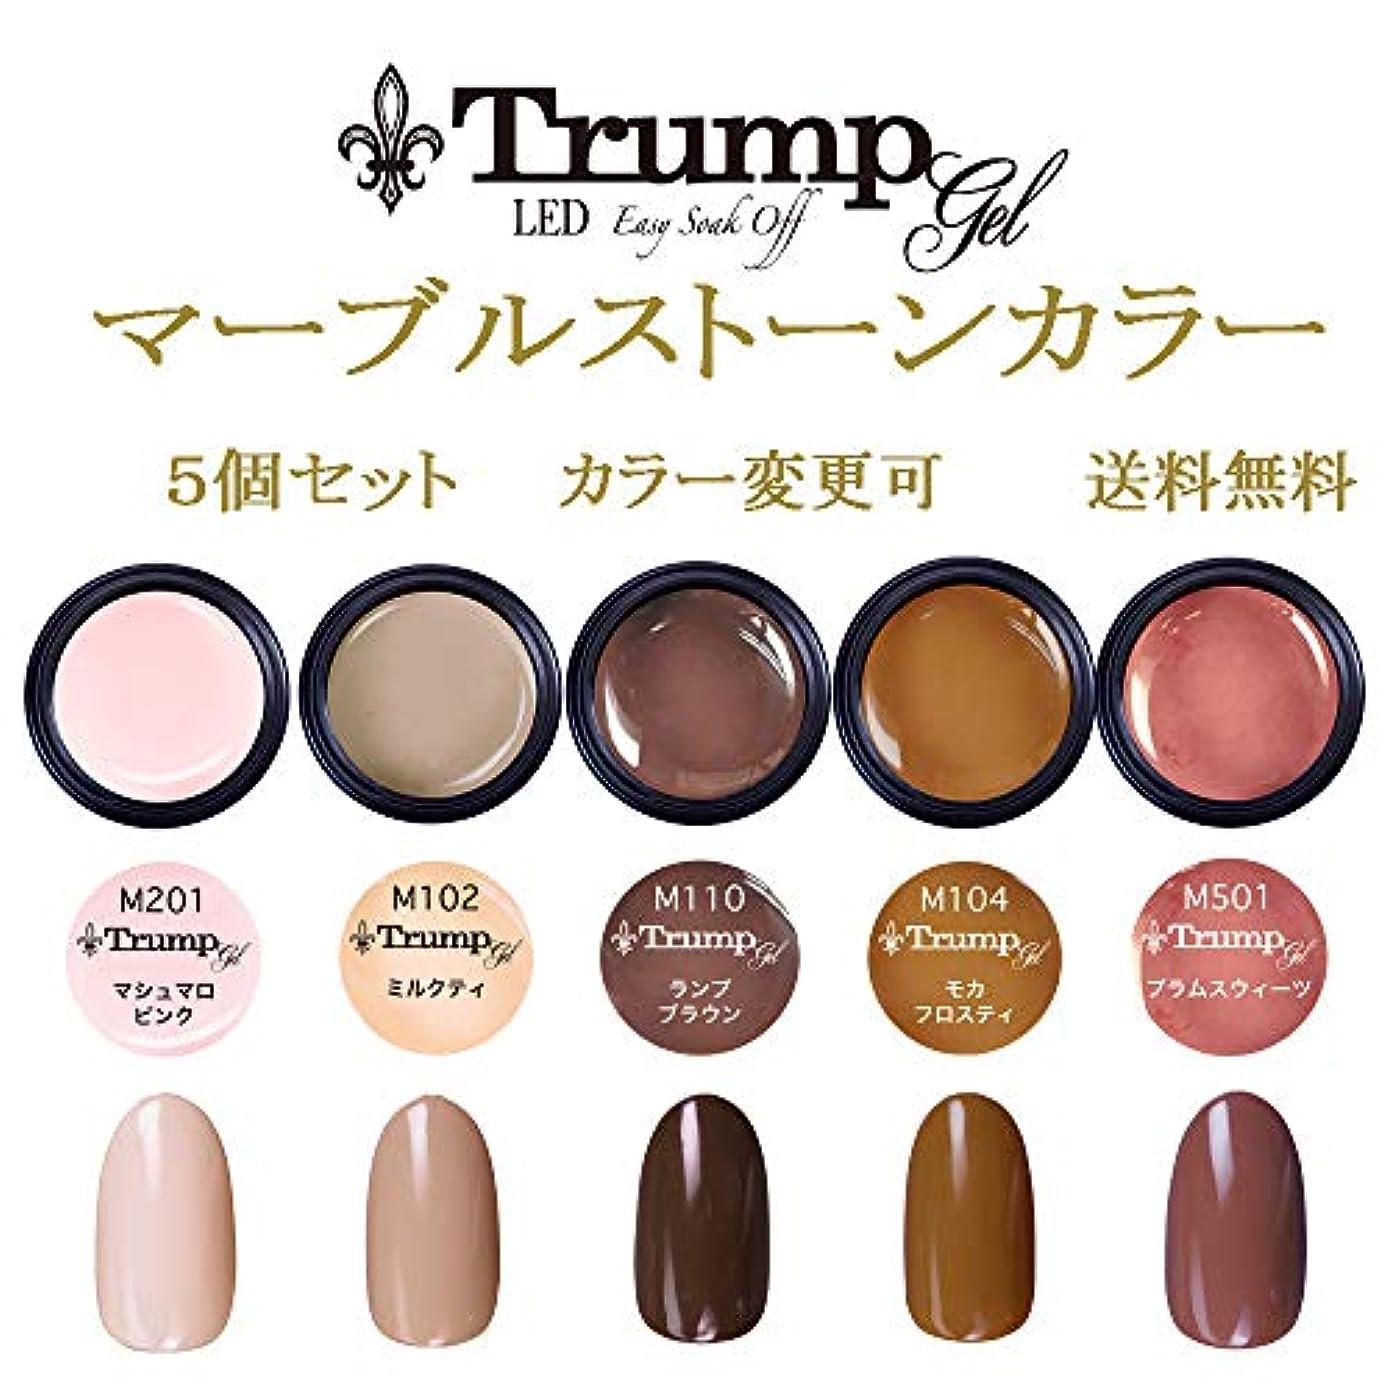 気体の傑出したレルム【送料無料】日本製 Trump gel トランプジェル マーブルストーン カラージェル 5個セット 人気の大理石ネイルカラーをチョイス